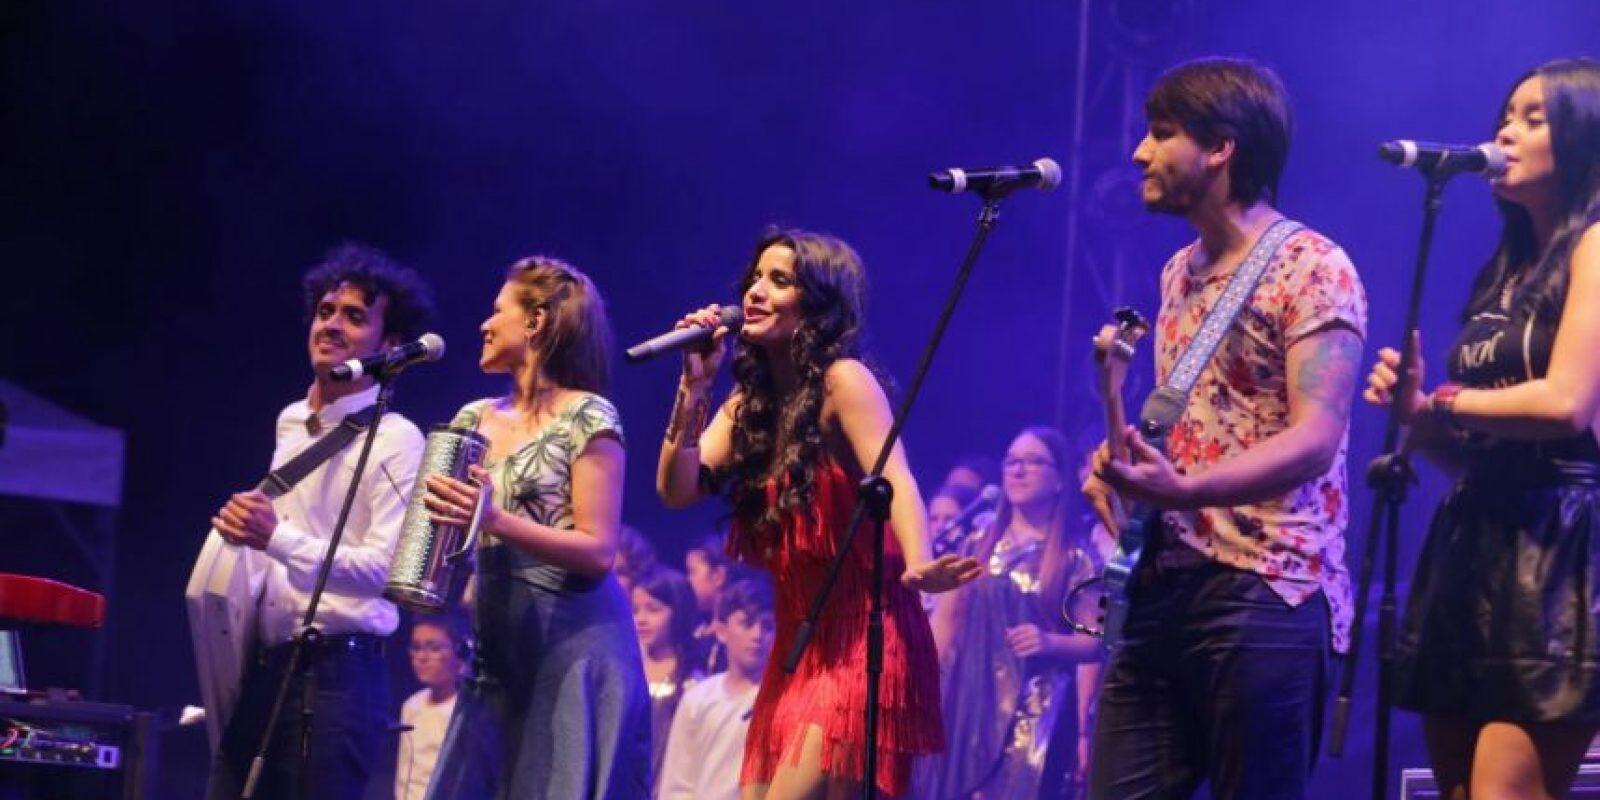 El show del encendido estuvo a cargo de Martina la Peligrosa y Puerto Candelaria. Foto:Cortesía EPM